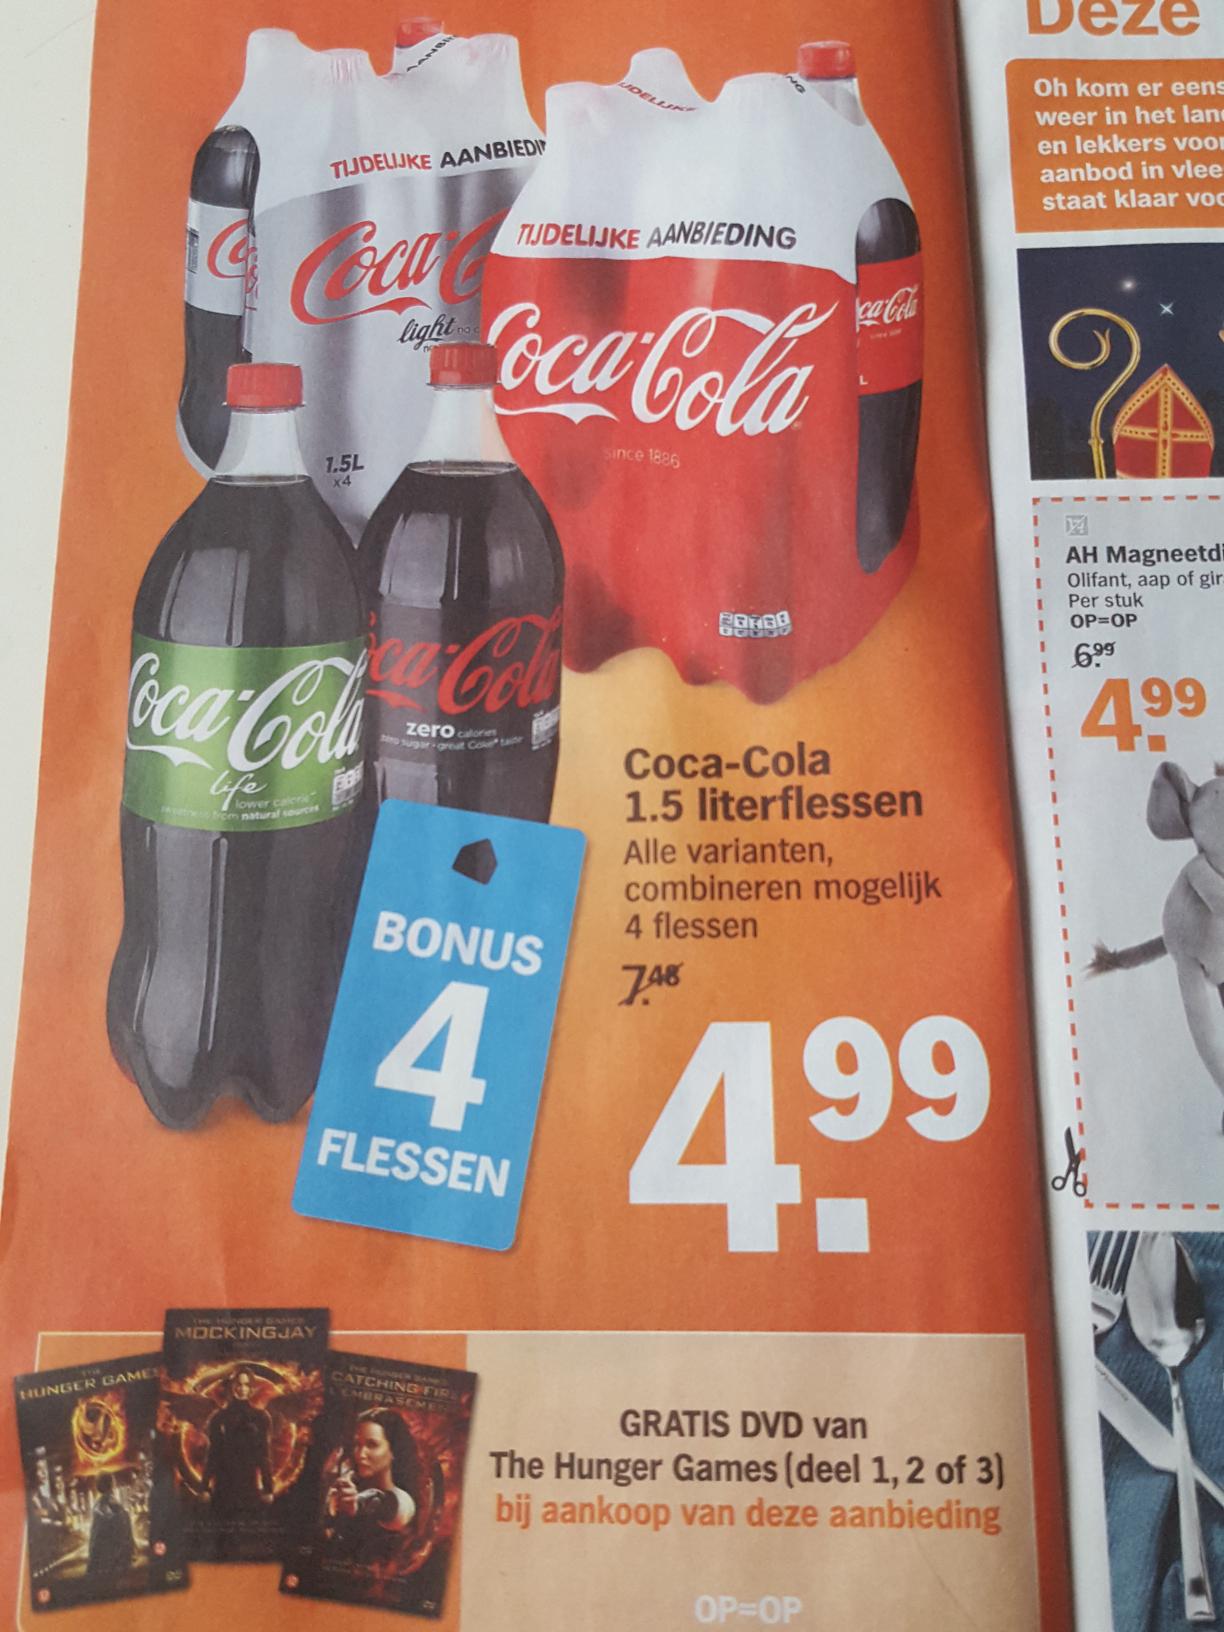 Hunger games deel 1,2 en 3 + 12 flessen Coca-Cola @AH